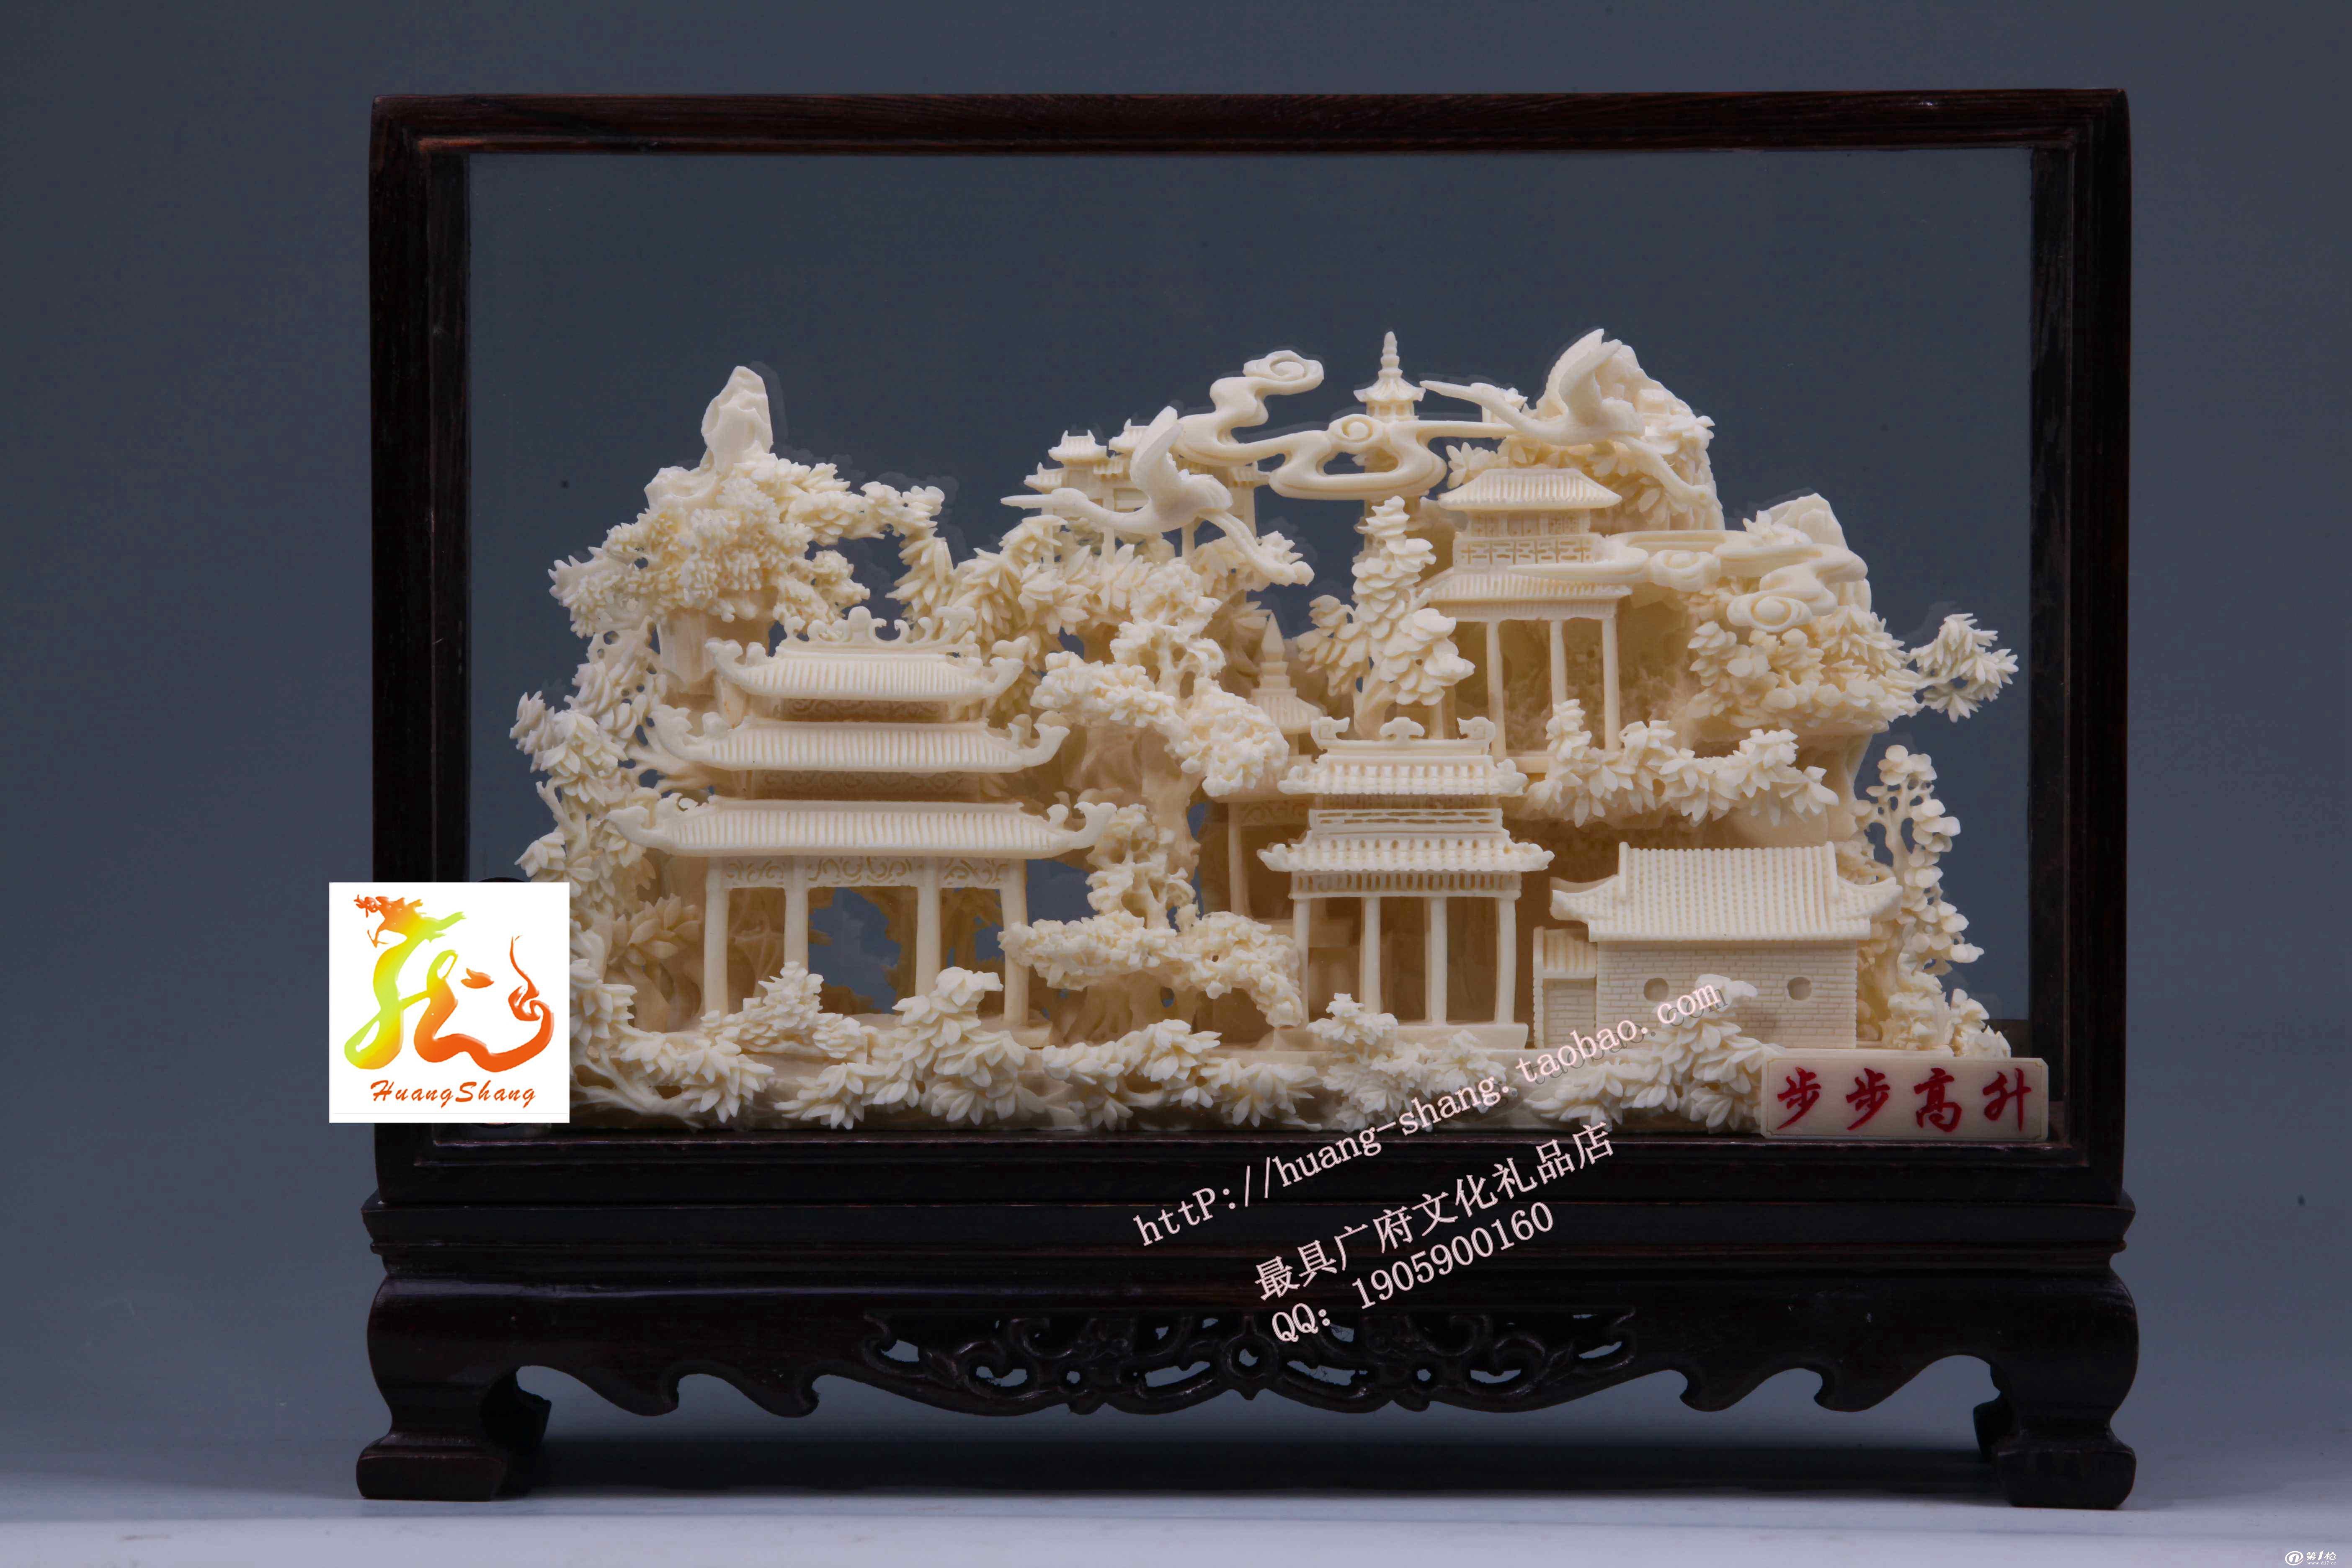 骨雕工艺品定制29*9.2*20cm广州传说